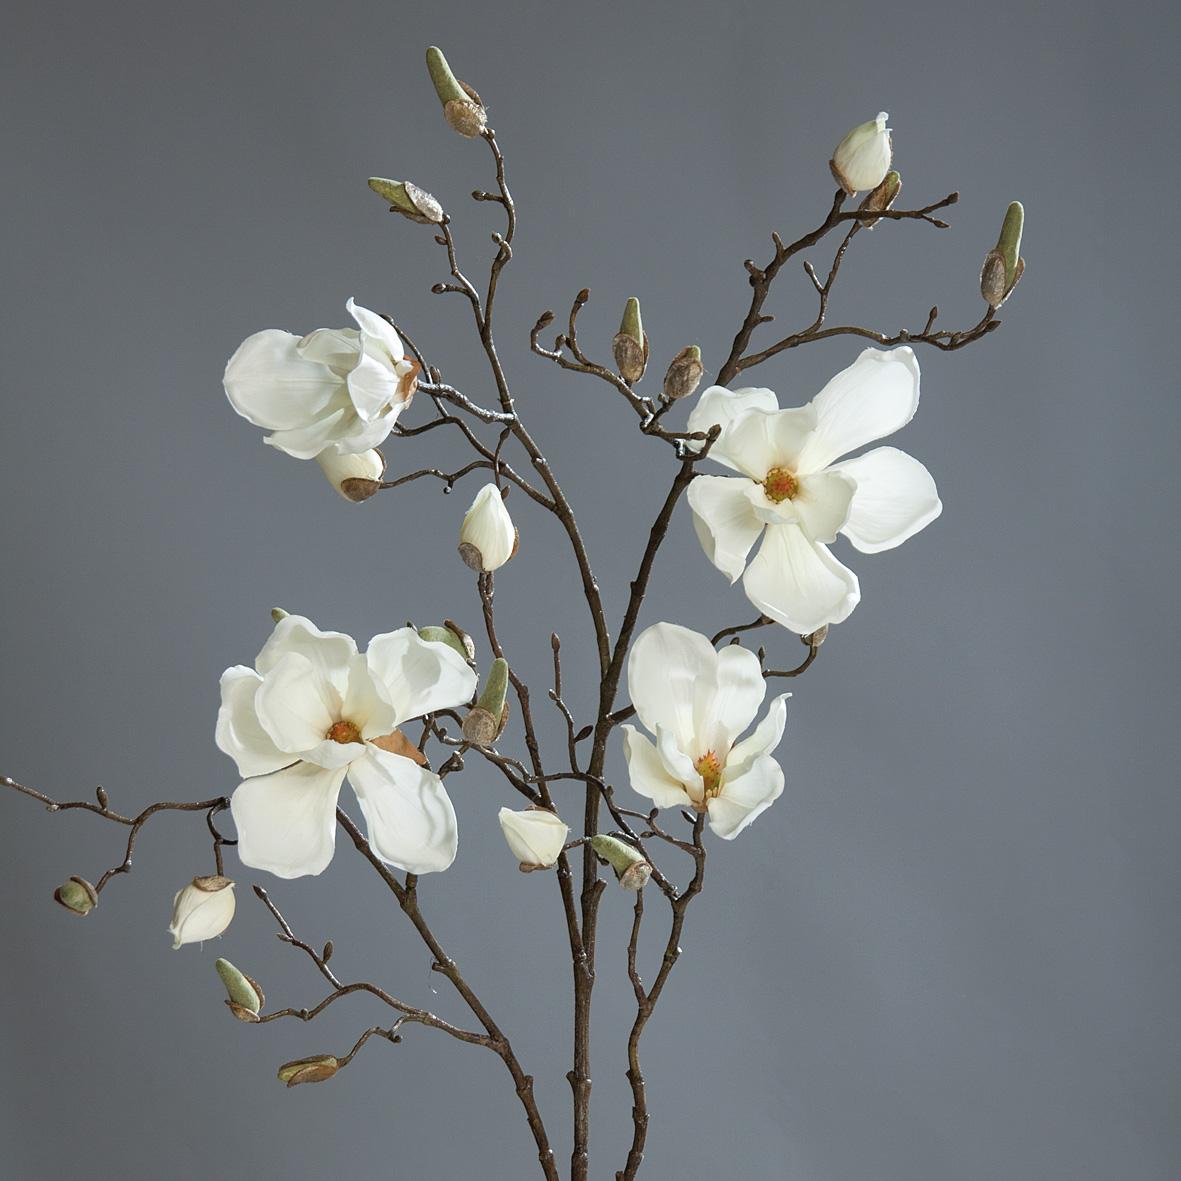 magnolienzweig 110cm wei creme dp kunstblumen k nstliche magnolie blumen seidenblumen. Black Bedroom Furniture Sets. Home Design Ideas